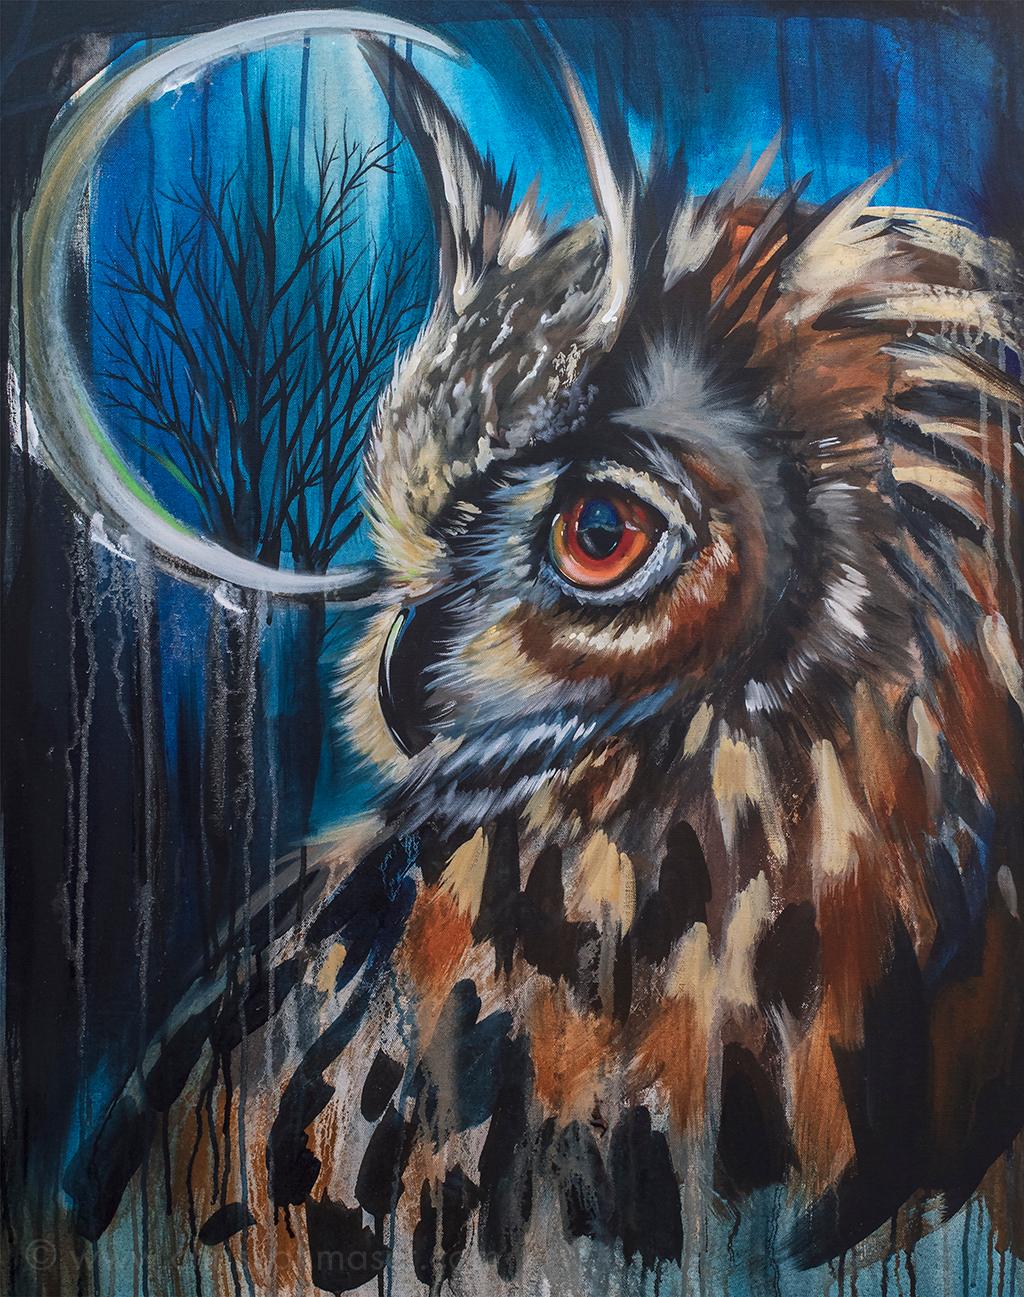 Blackbird_Gallery_Jersey_City_Christian_Masot_28.png